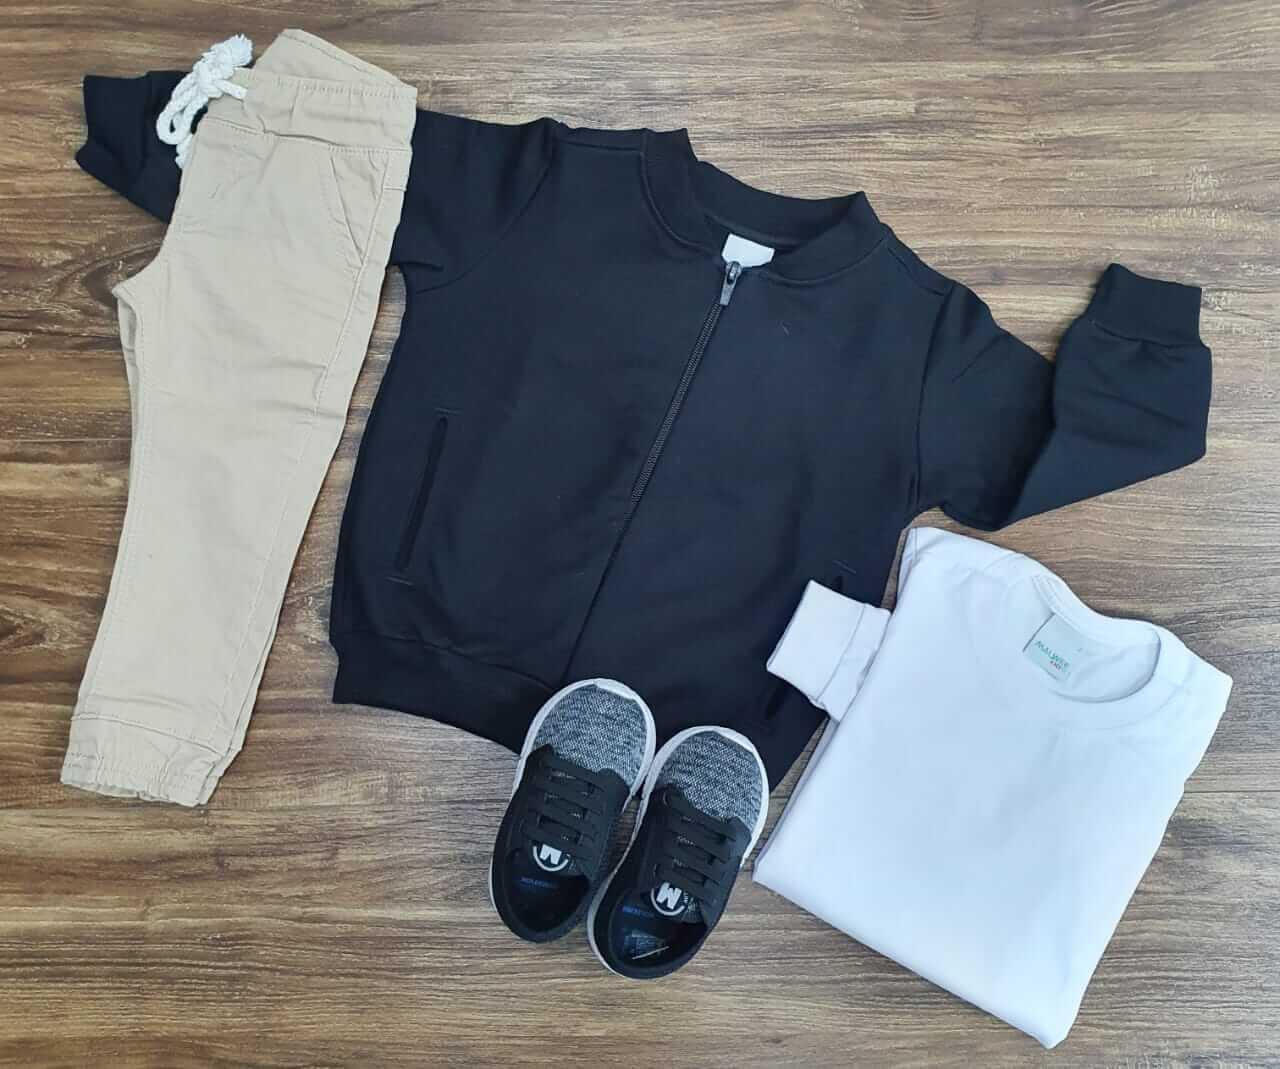 Calça Jogger com Camiseta Branca e Jaqueta Preta